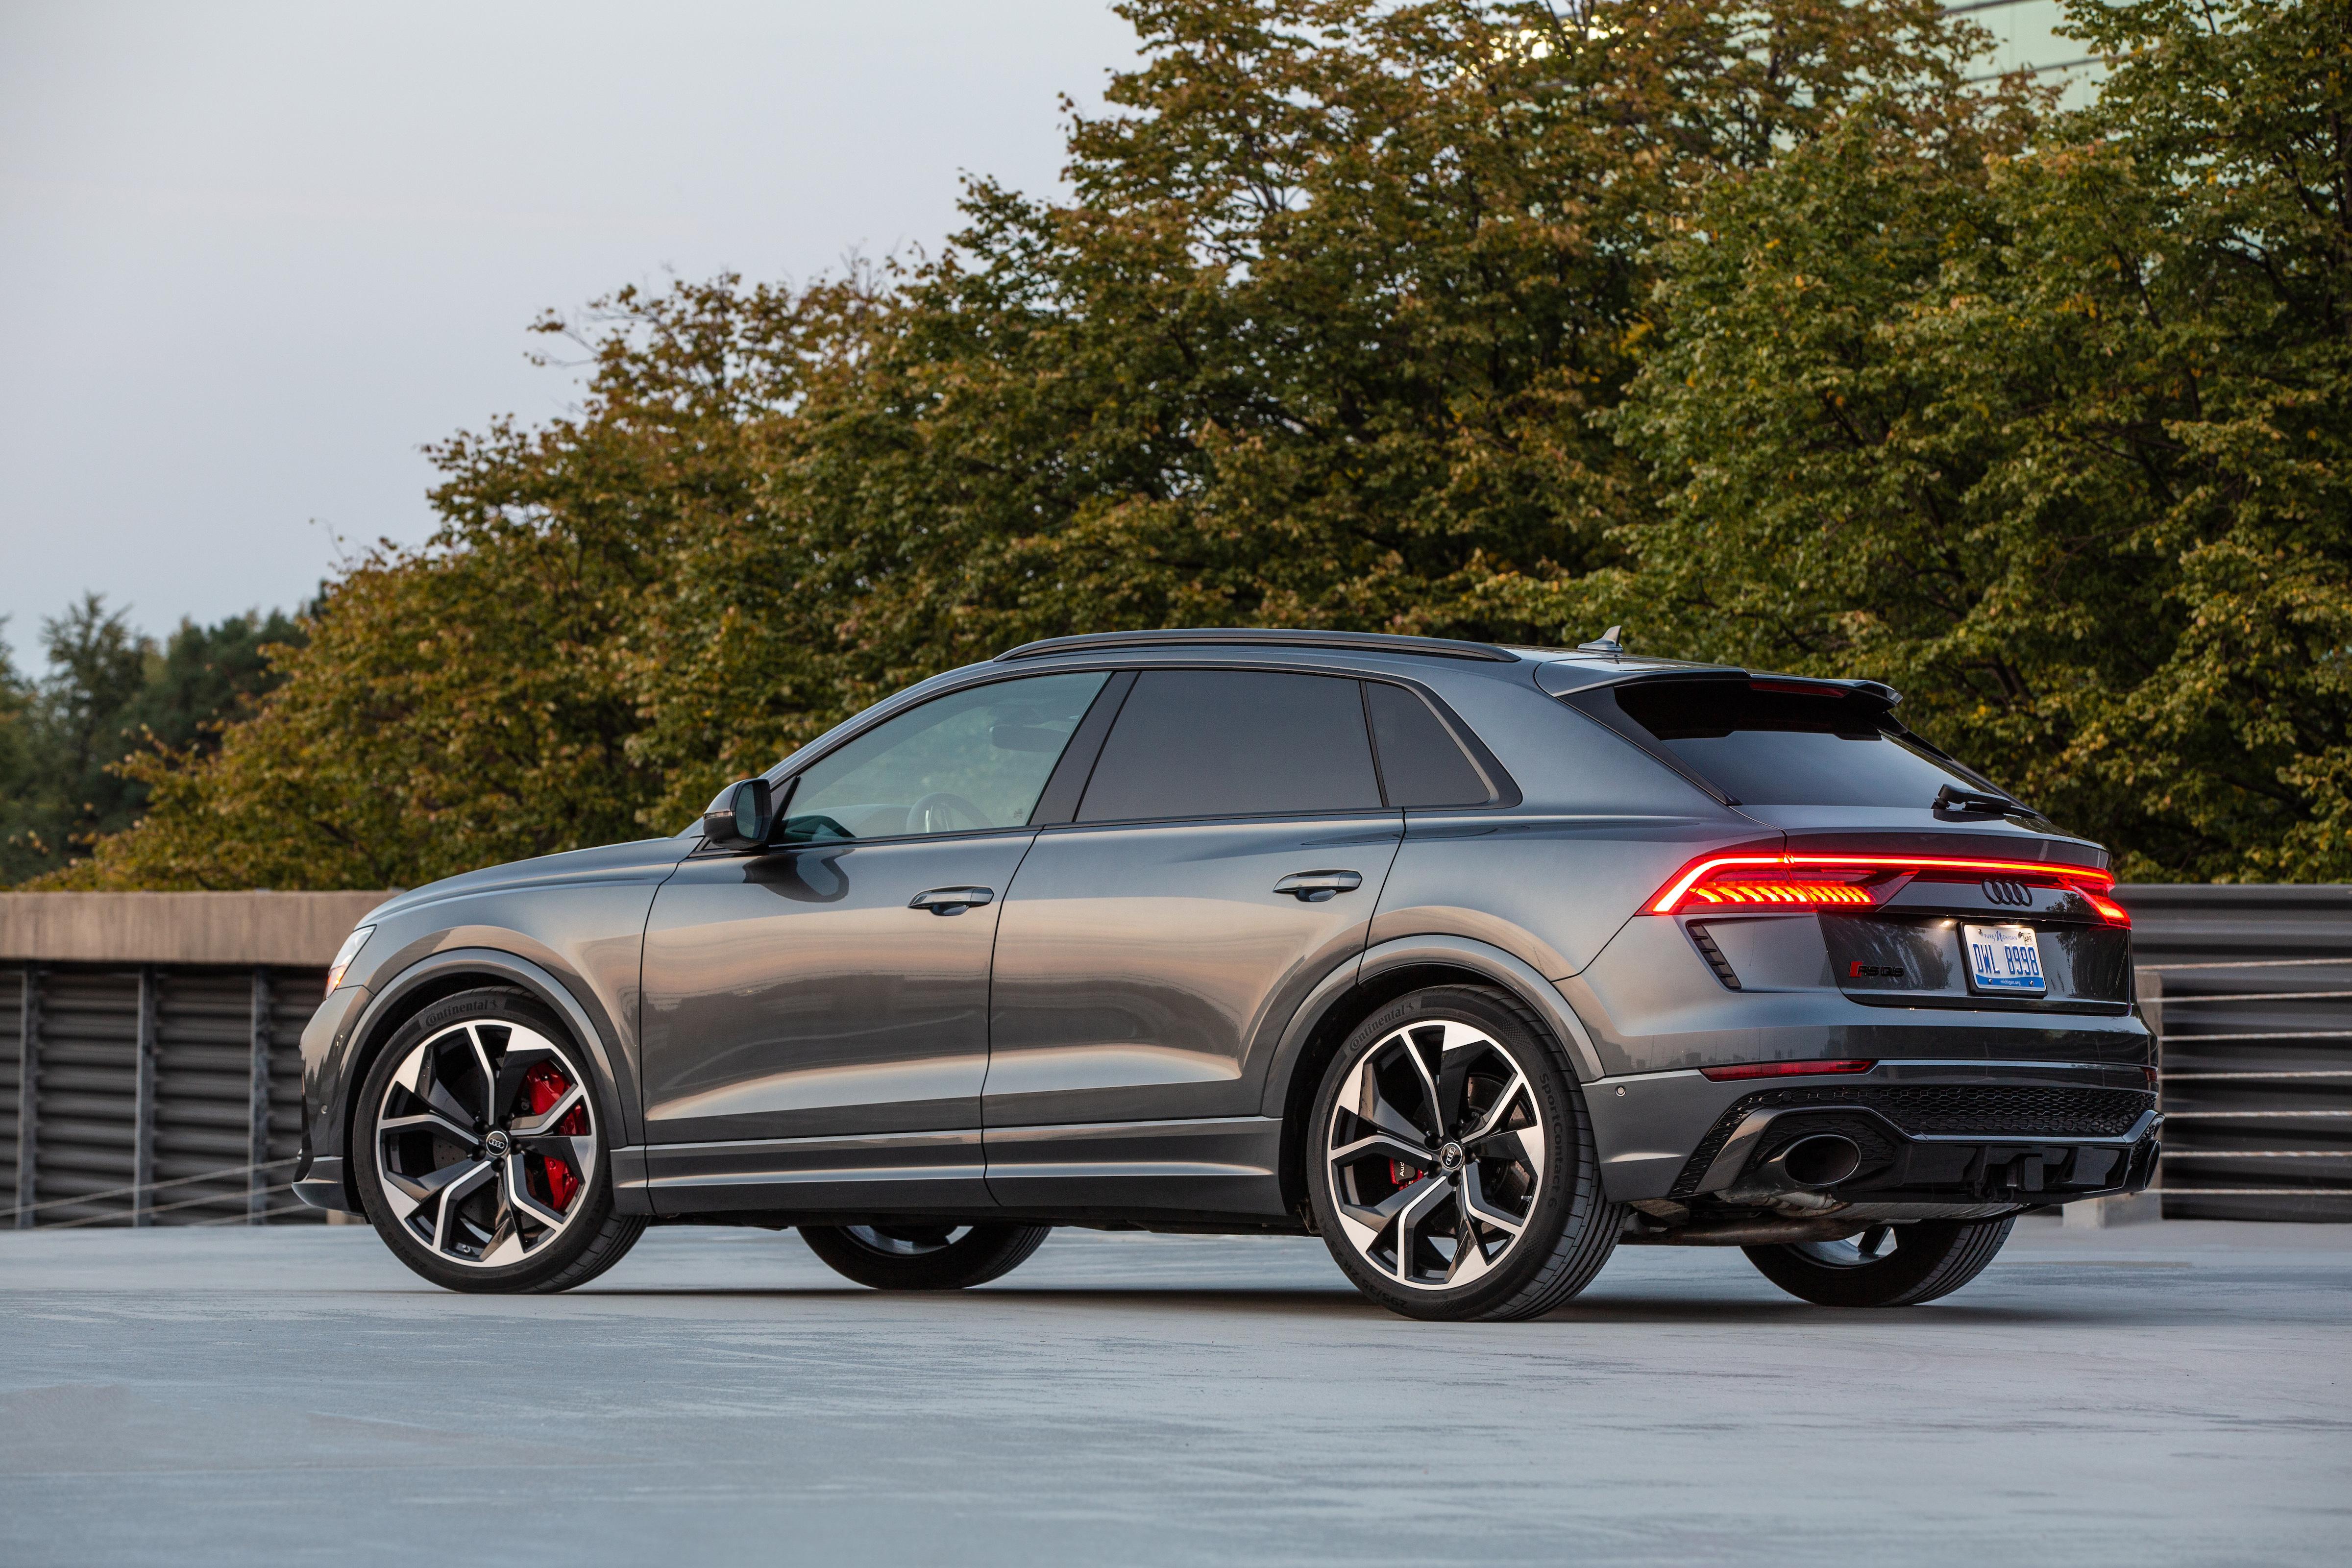 Фотография Audi RS Q8, North America, 2020 Серый Сбоку Металлик Автомобили 4800x3200 Ауди серая серые авто машины машина автомобиль